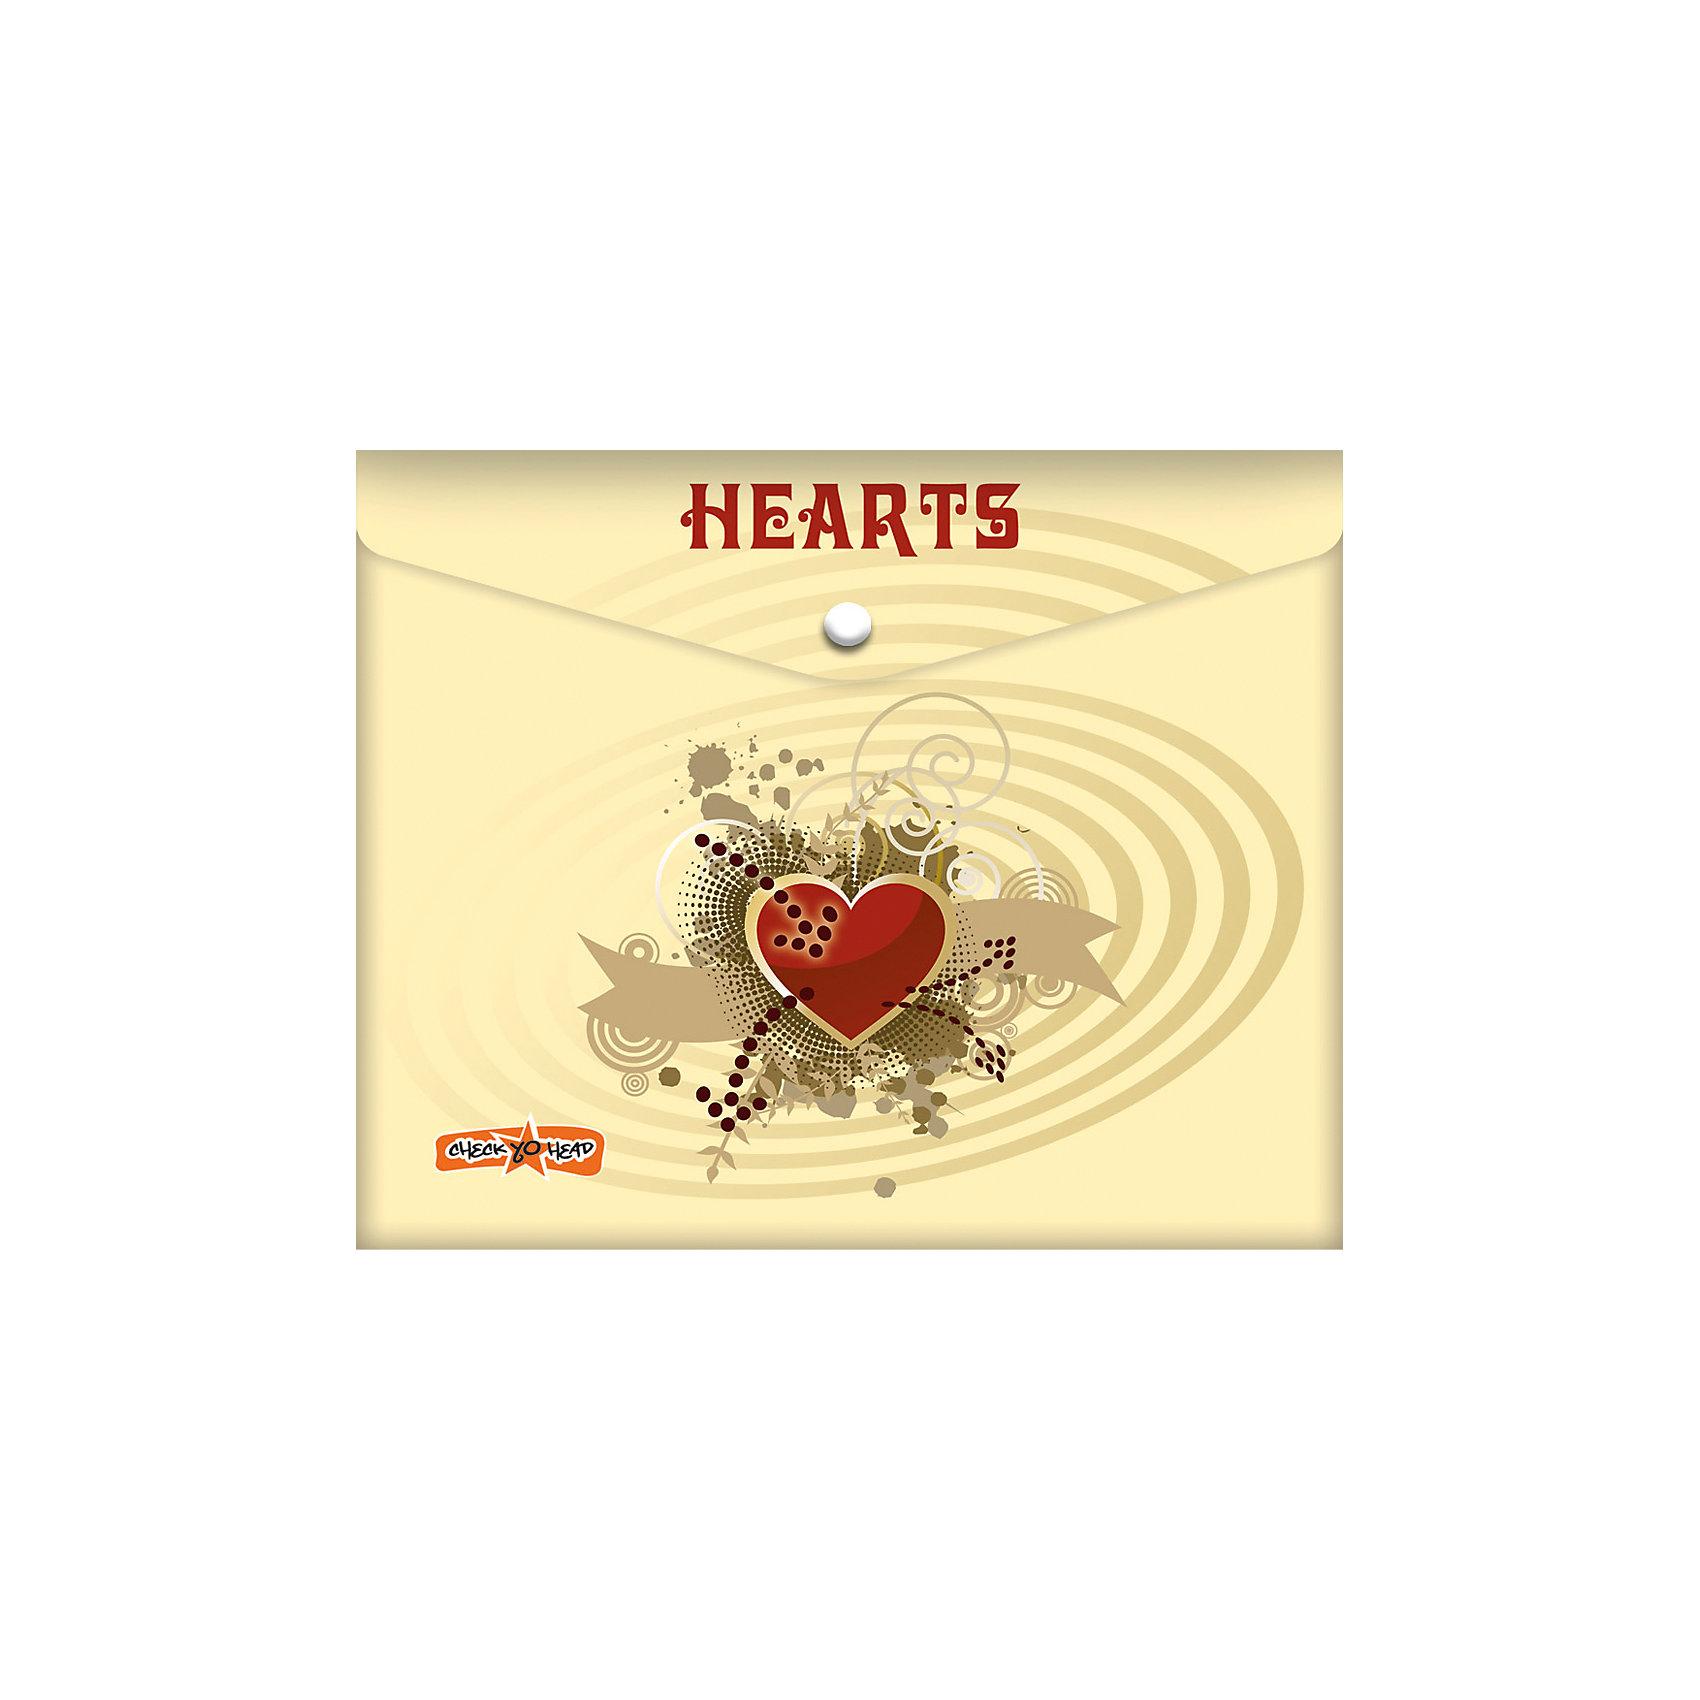 Папка-конверт под российскую тетрадь СердечкиПапка-конверт под российскую тетрадь Сердечки<br><br>Характеристики:<br><br>• Размер: 245х3х210мм<br>• Вес: 21г<br>• Толщина пластика: 180мкм<br>• Формат: А5+<br>• Крепление: на кнопке<br>• Материал: полипропилен<br><br>Красивый конверт с сердечками поможет переносить листы а4, а также любые тетради до размера А5+. Благодаря толстому пластику тетради надежно защищены от влаги или грязи. Папка закрывается на кнопку, которую легко расстегнуть самостоятельно и которая надежно удерживает тетради внутри.<br><br>Папка-конверт под российскую тетрадь Сердечки можно купить в нашем интернет-магазине.<br><br>Ширина мм: 245<br>Глубина мм: 3<br>Высота мм: 210<br>Вес г: 21<br>Возраст от месяцев: 48<br>Возраст до месяцев: 144<br>Пол: Женский<br>Возраст: Детский<br>SKU: 5390321